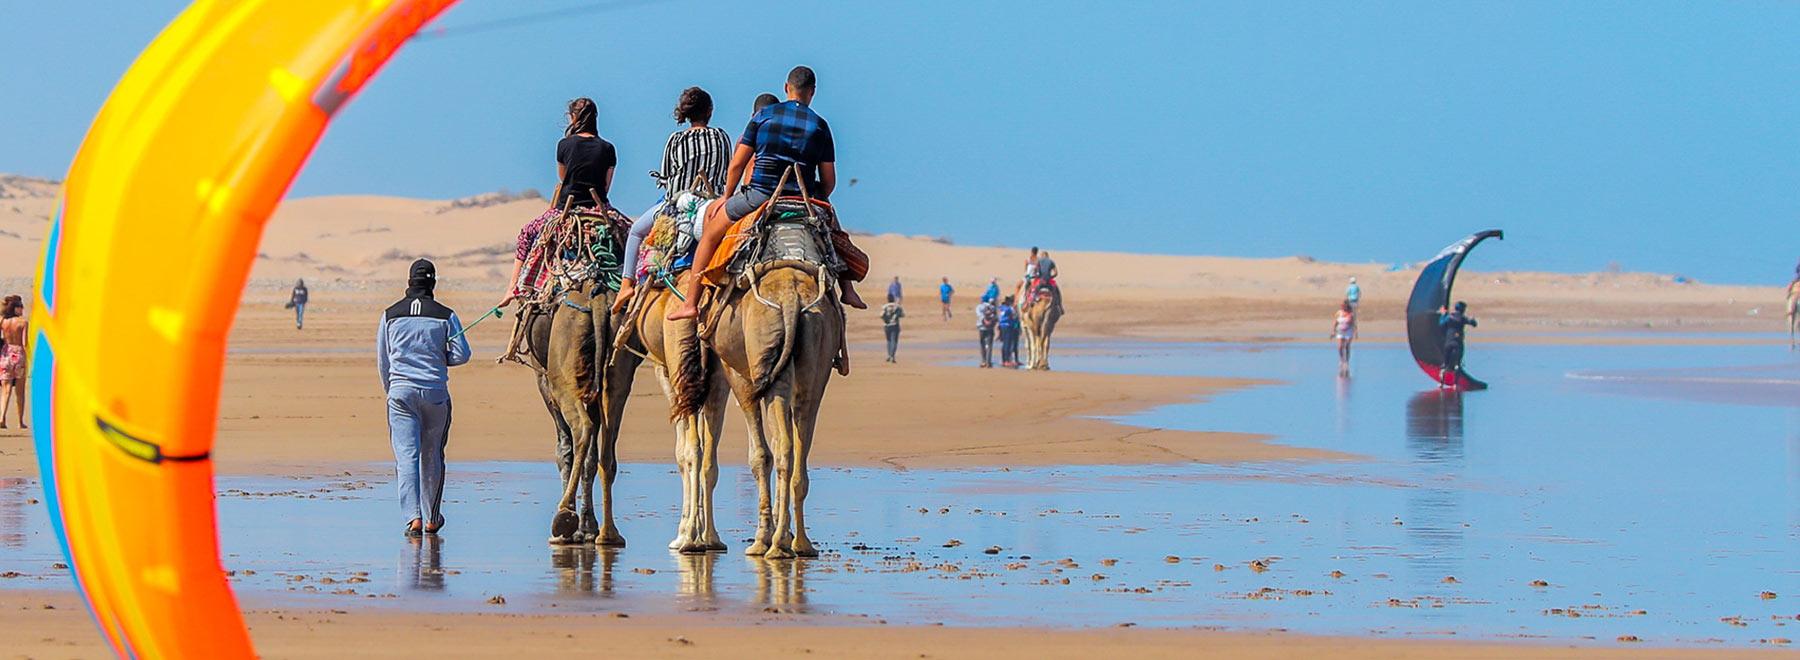 Zum-Kitesurfen-nach-Essaouira, Marokko